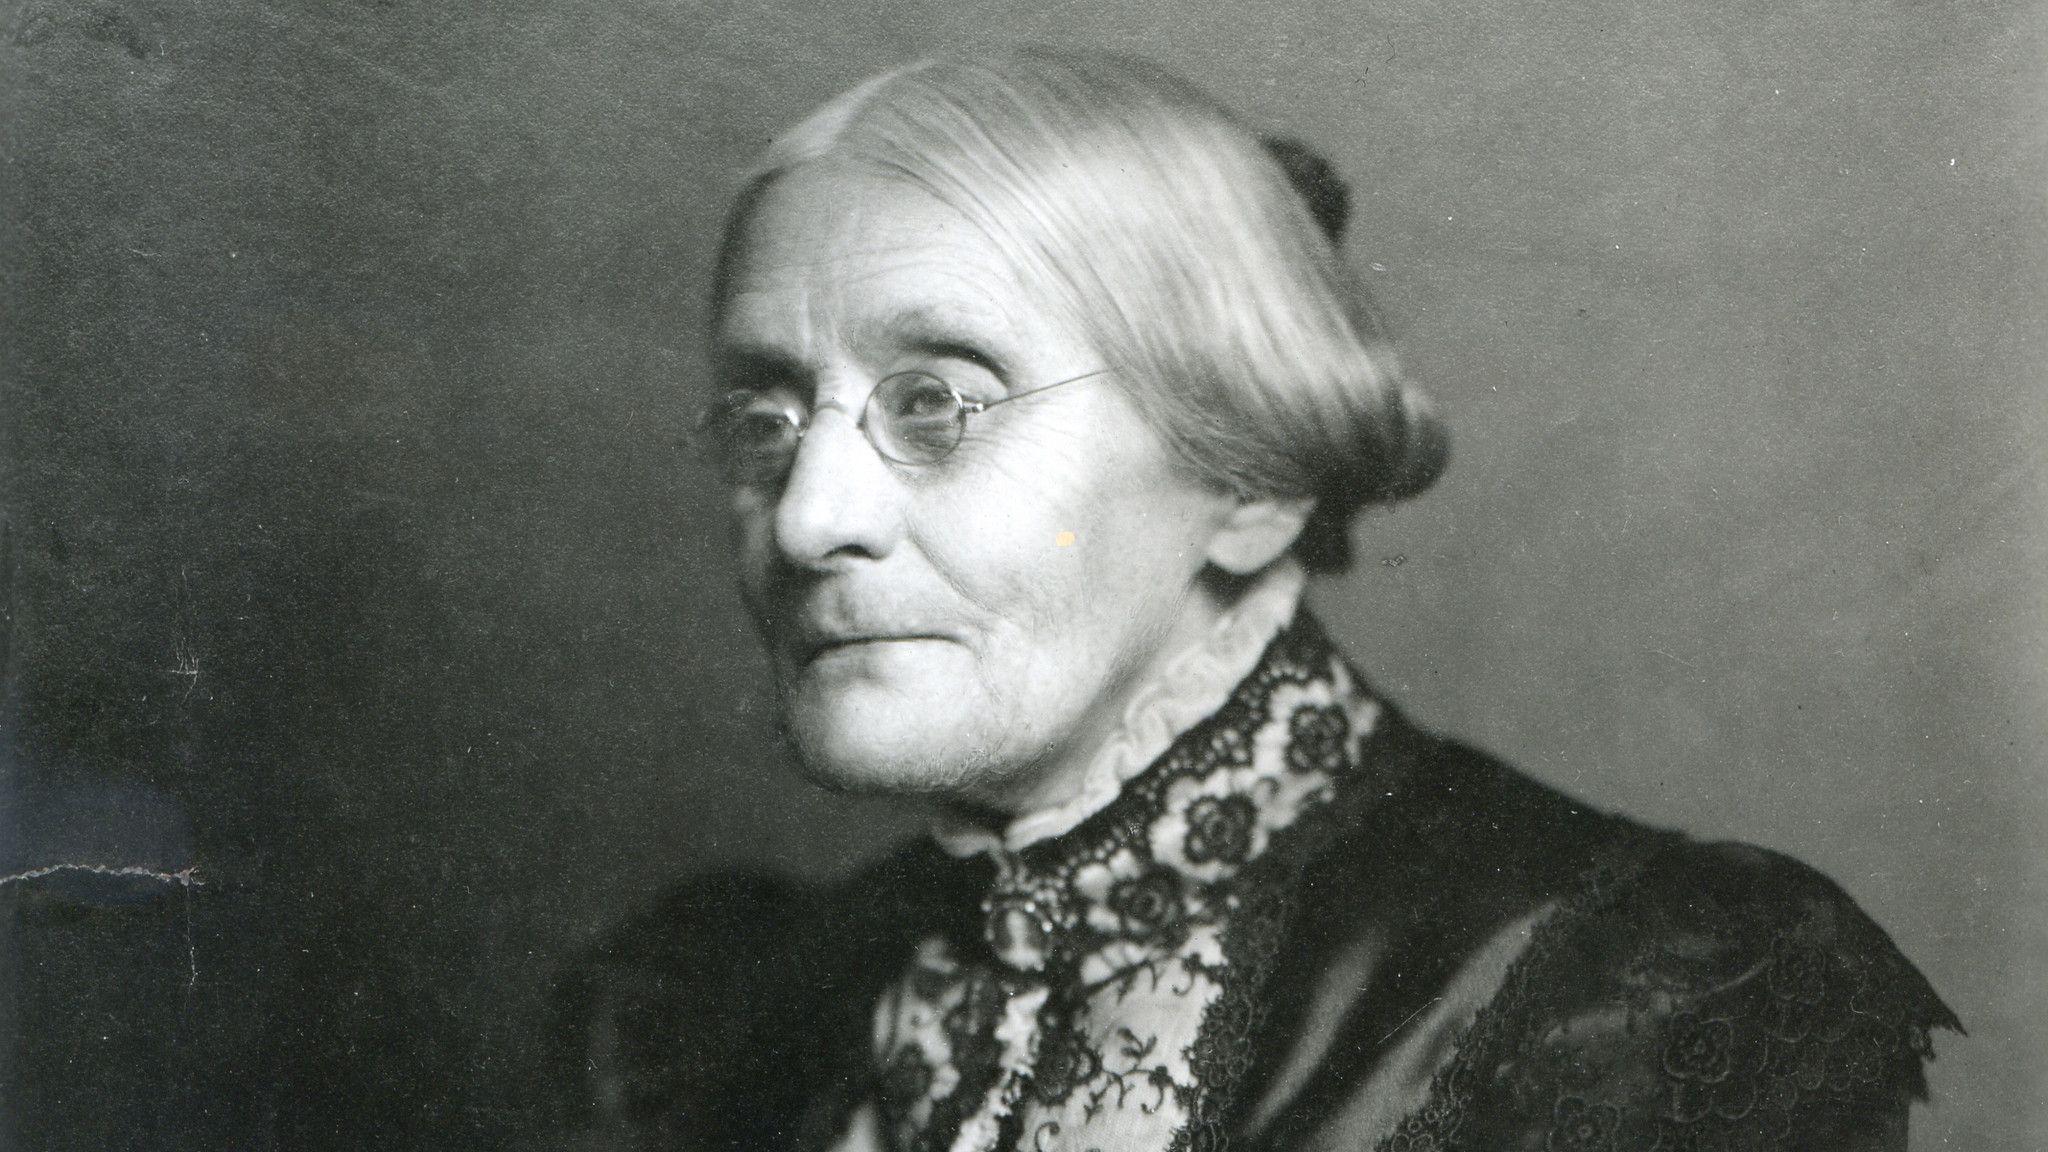 """Discurso """"El derecho de la mujer a votar"""" pronunciado por Susan B. Anthony en el tribunal de Canandaigua (New York), en junio de 1873"""